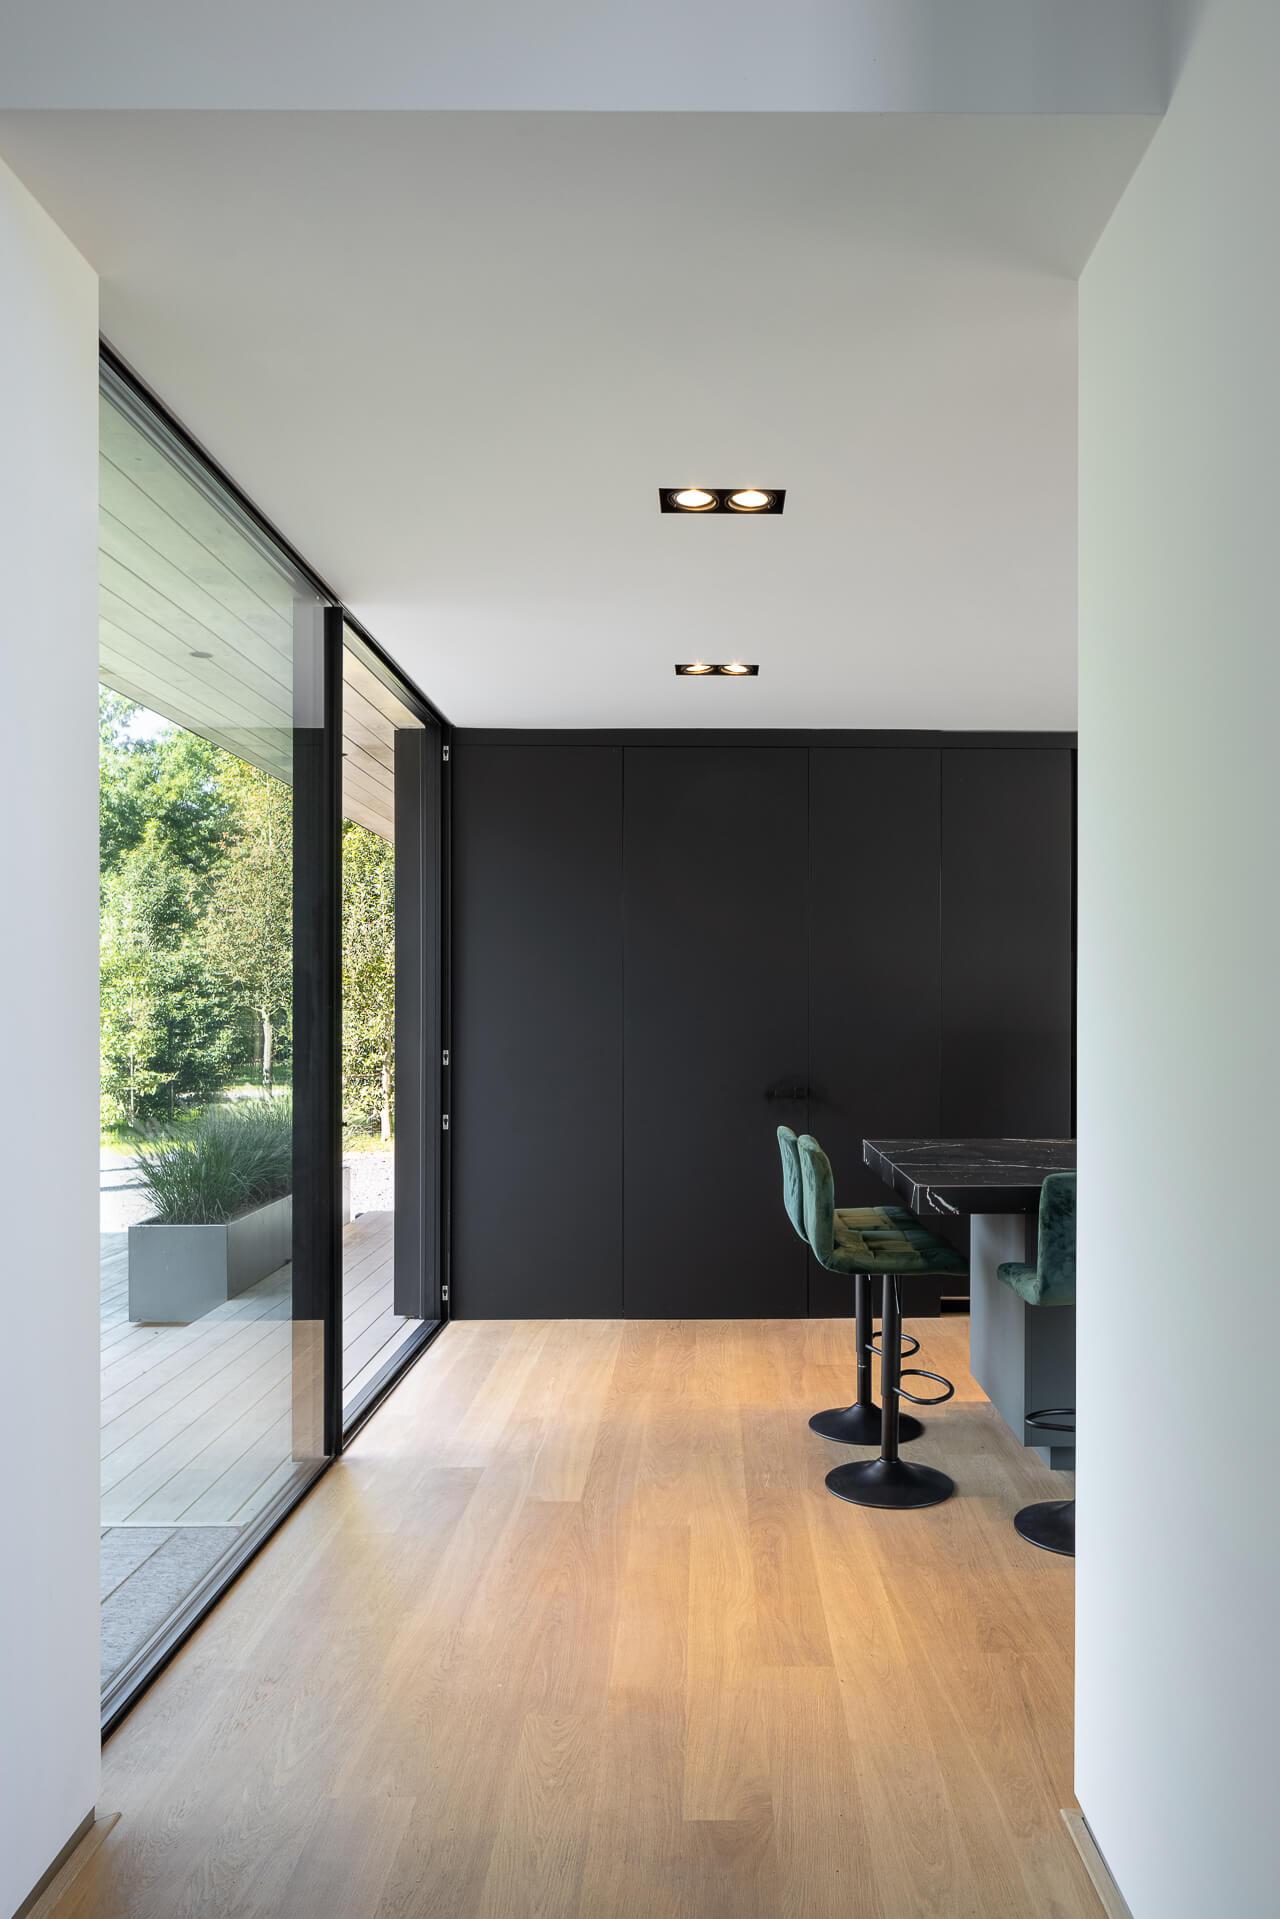 taanbaas architecture interior design